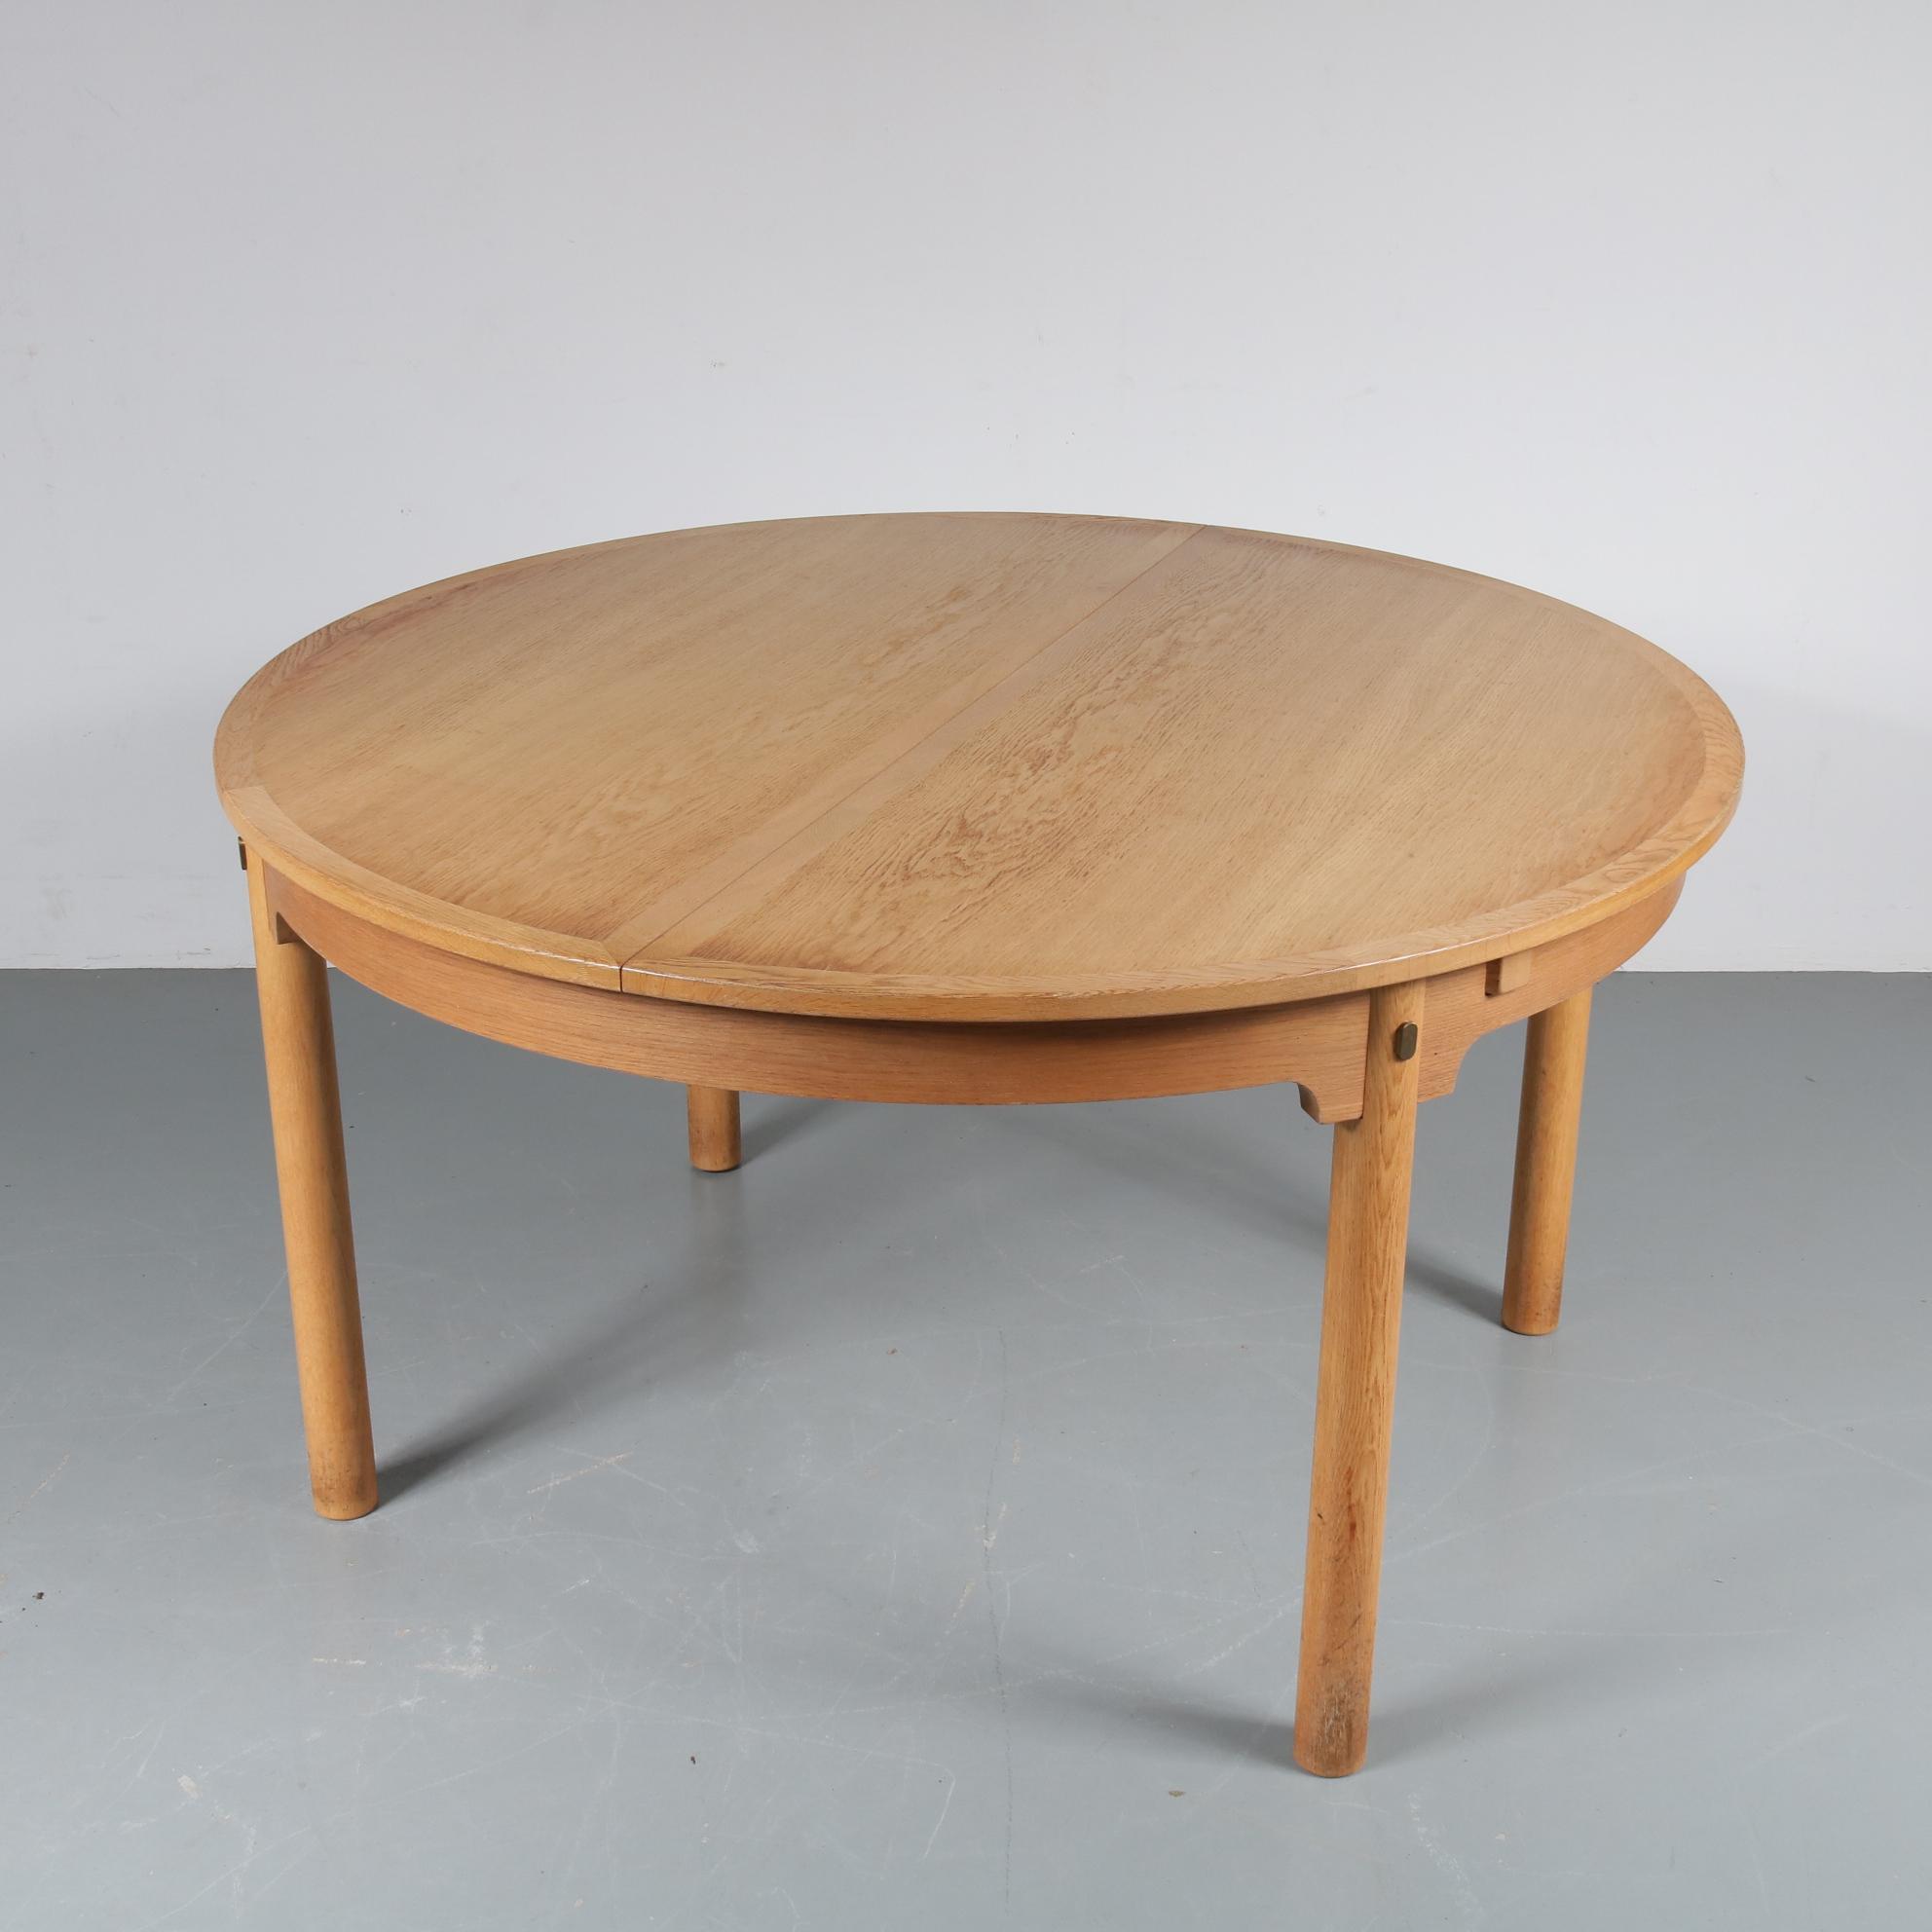 m22636 1950s Round extendable oak dining table Borge Mogensen Karl Andersson & Söner Øresund / Denmark